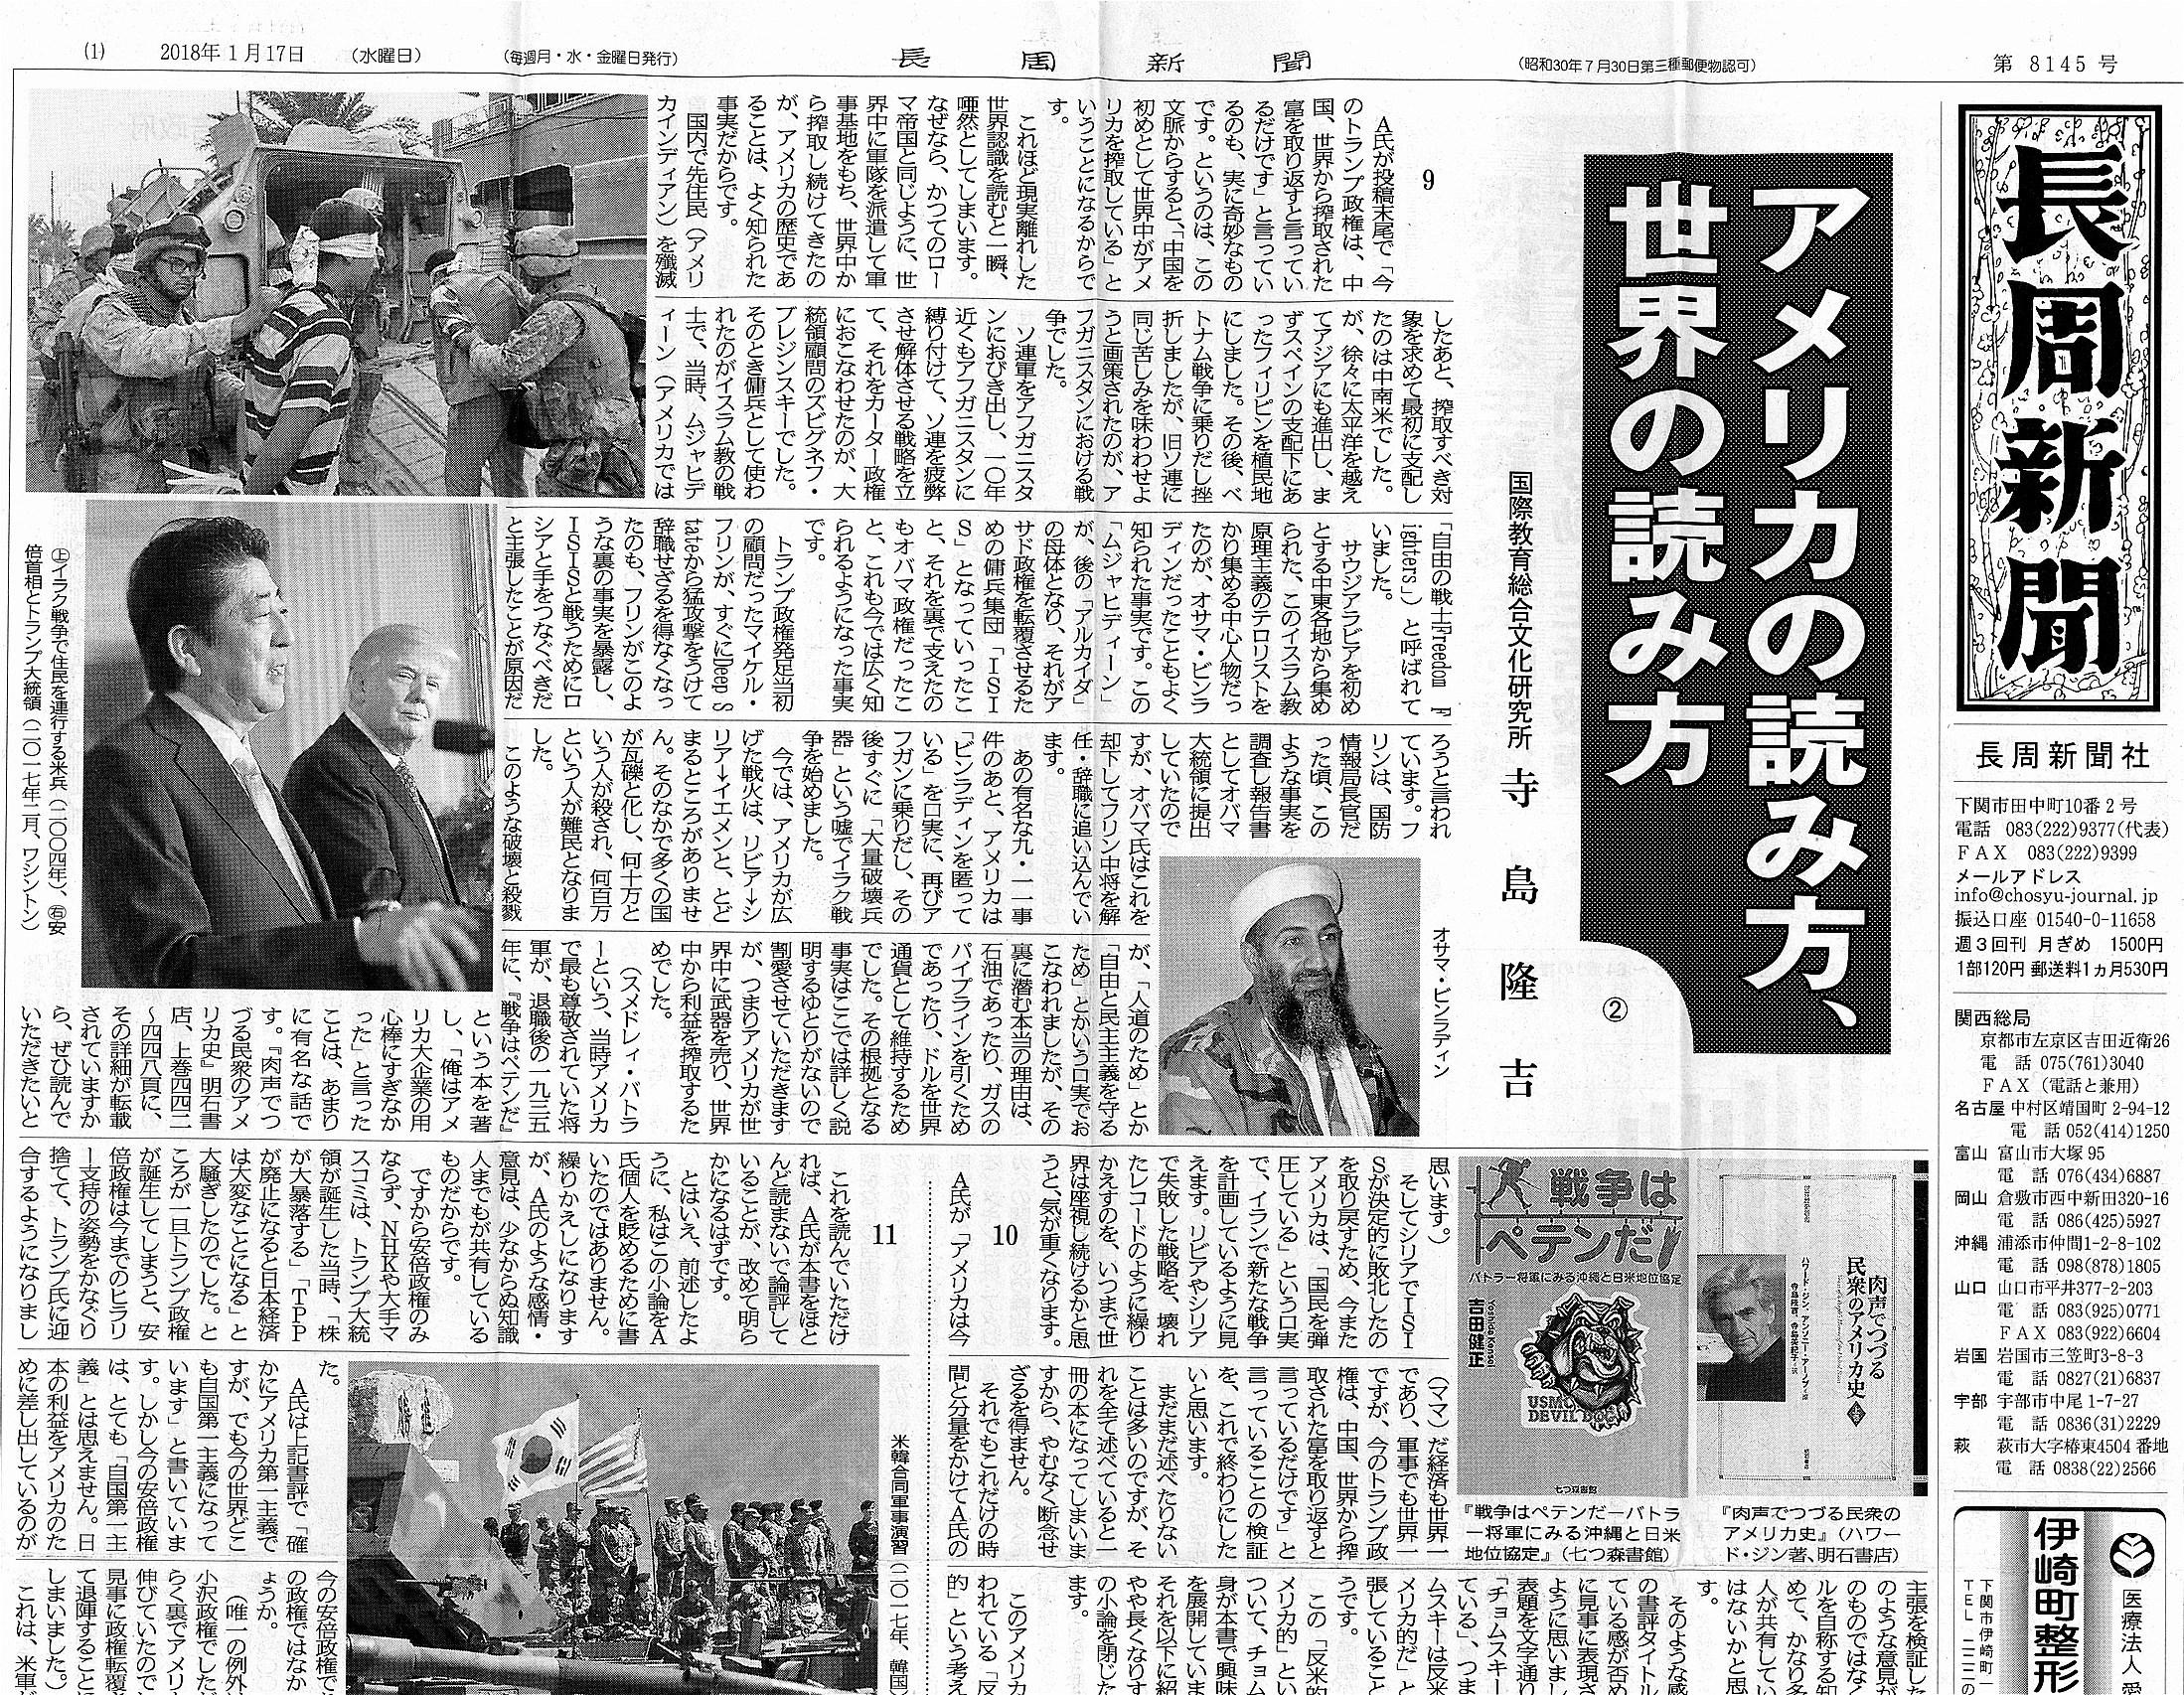 s-長周新聞20180117 「アメリカの読み方、世界の読み方」 2-1